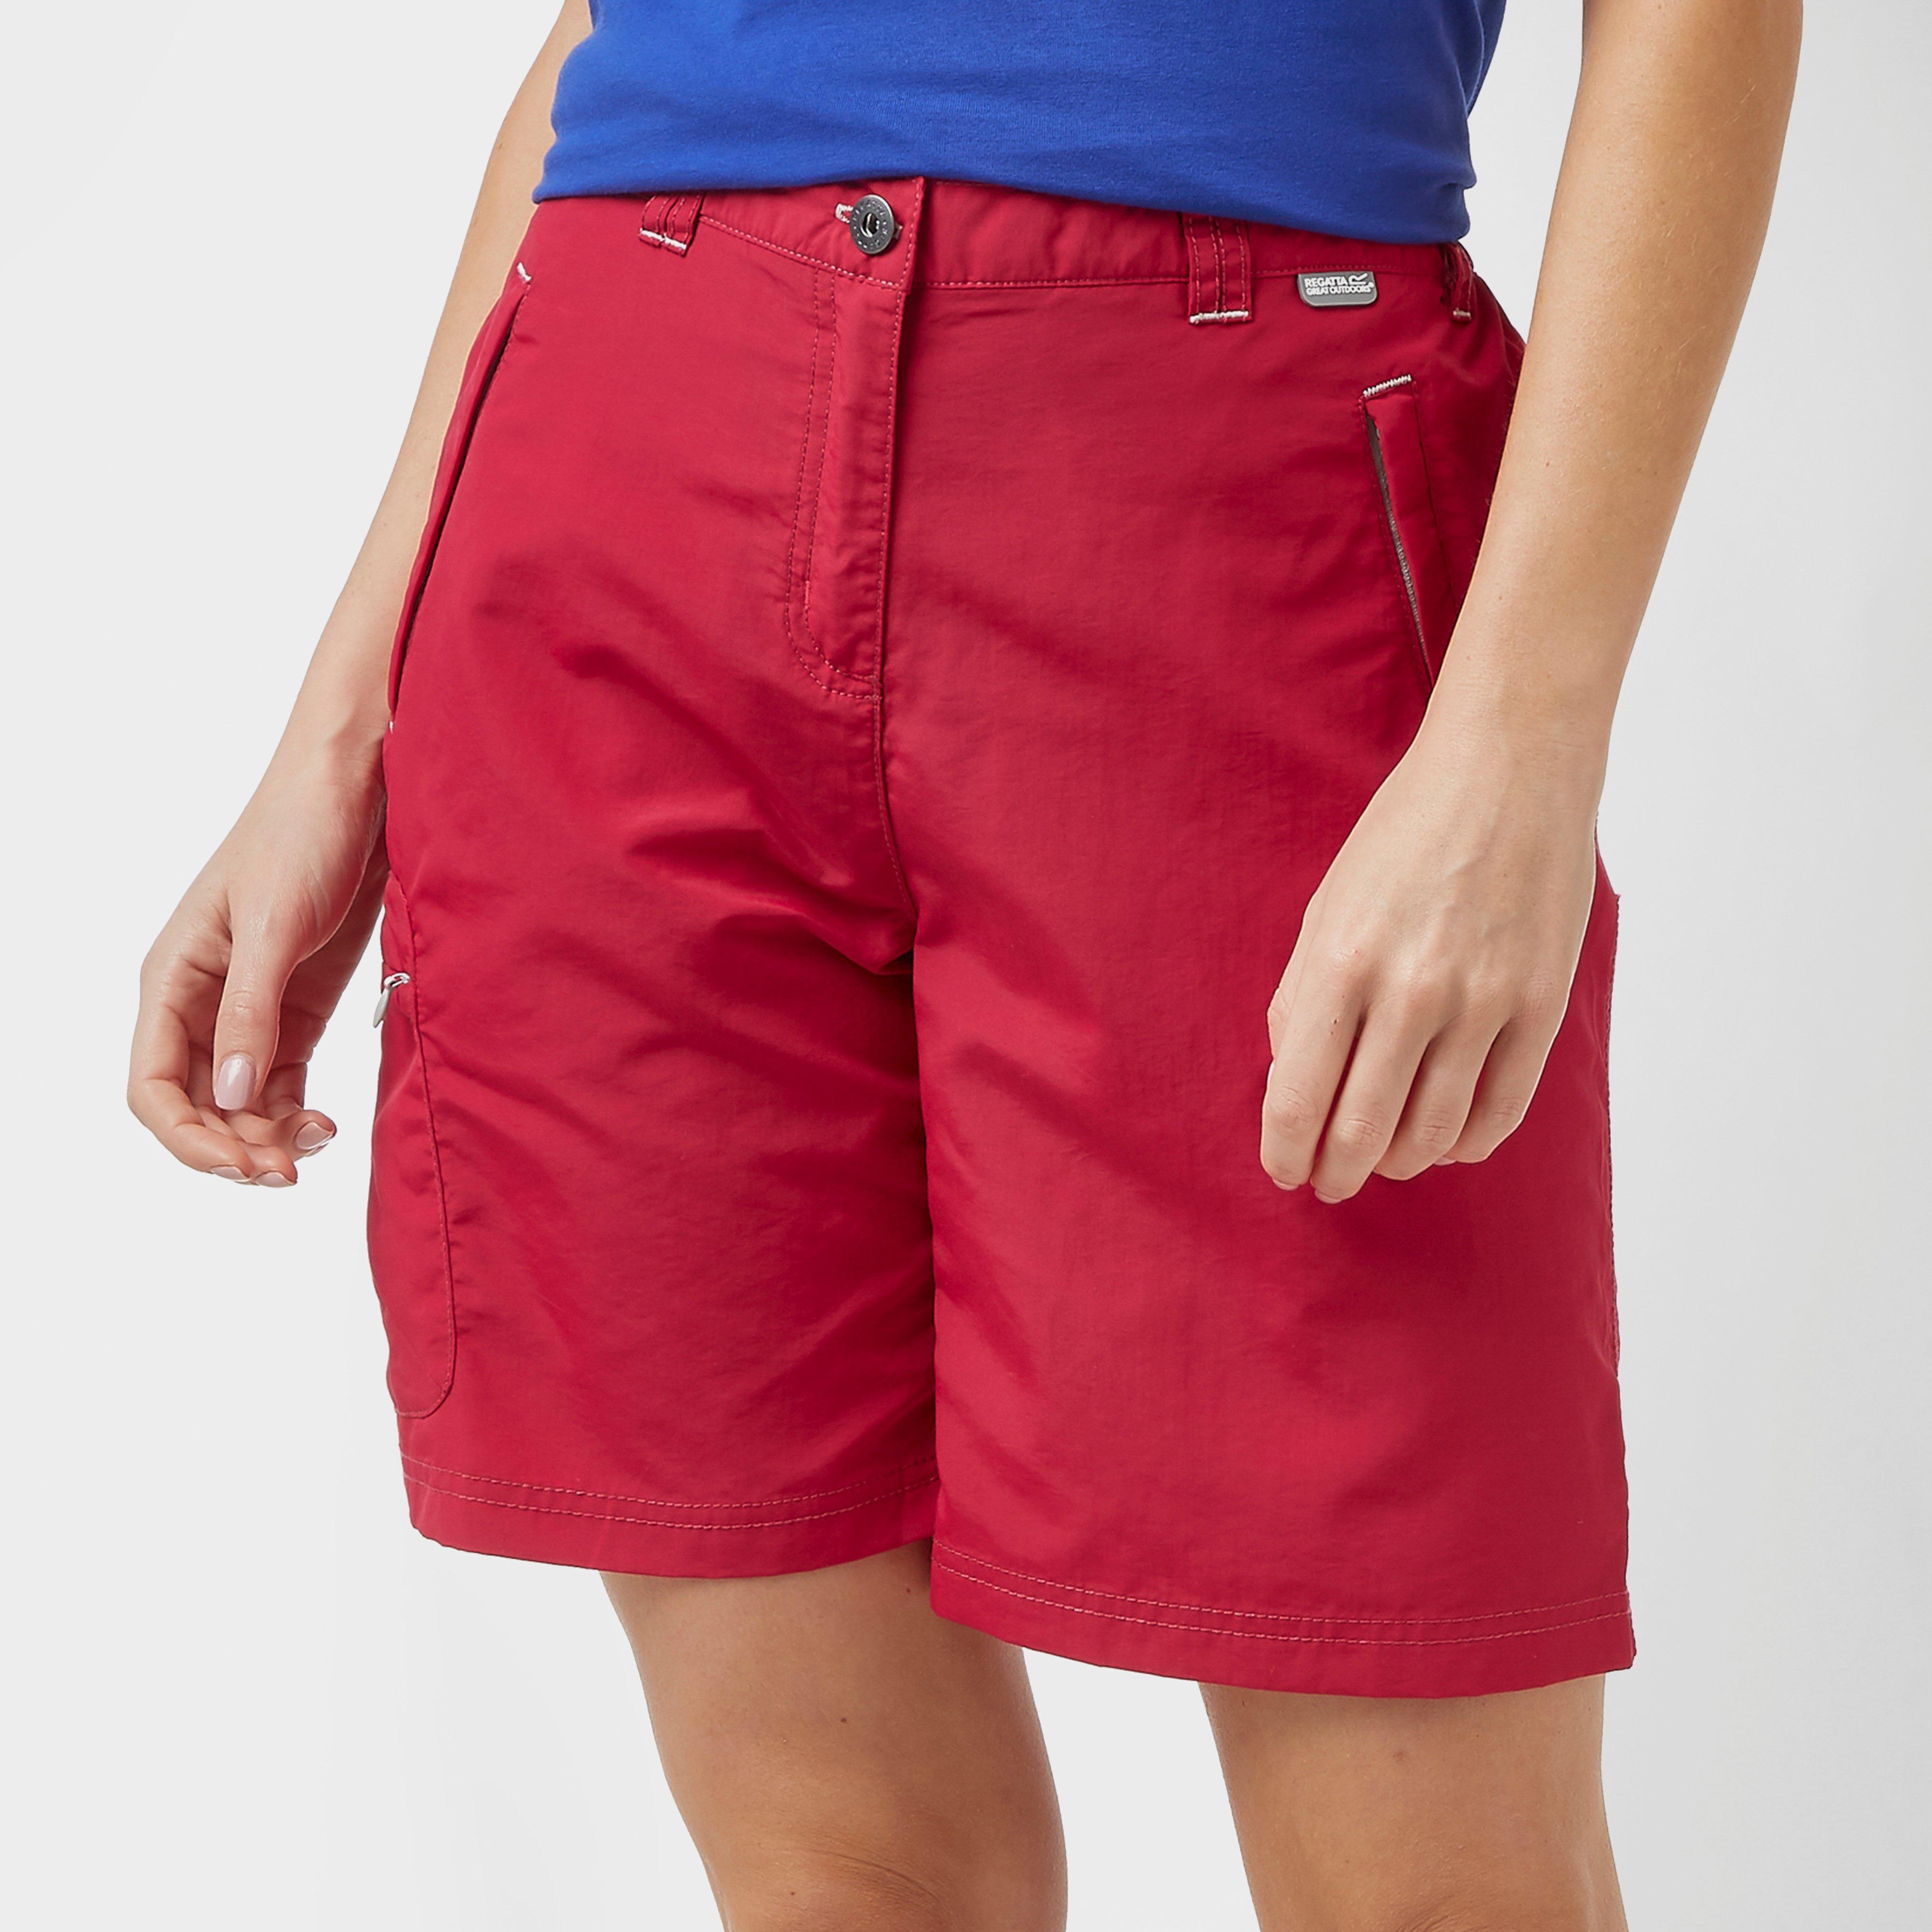 Regatta Regatta Womens Chaska Shorts - Pink, Pink